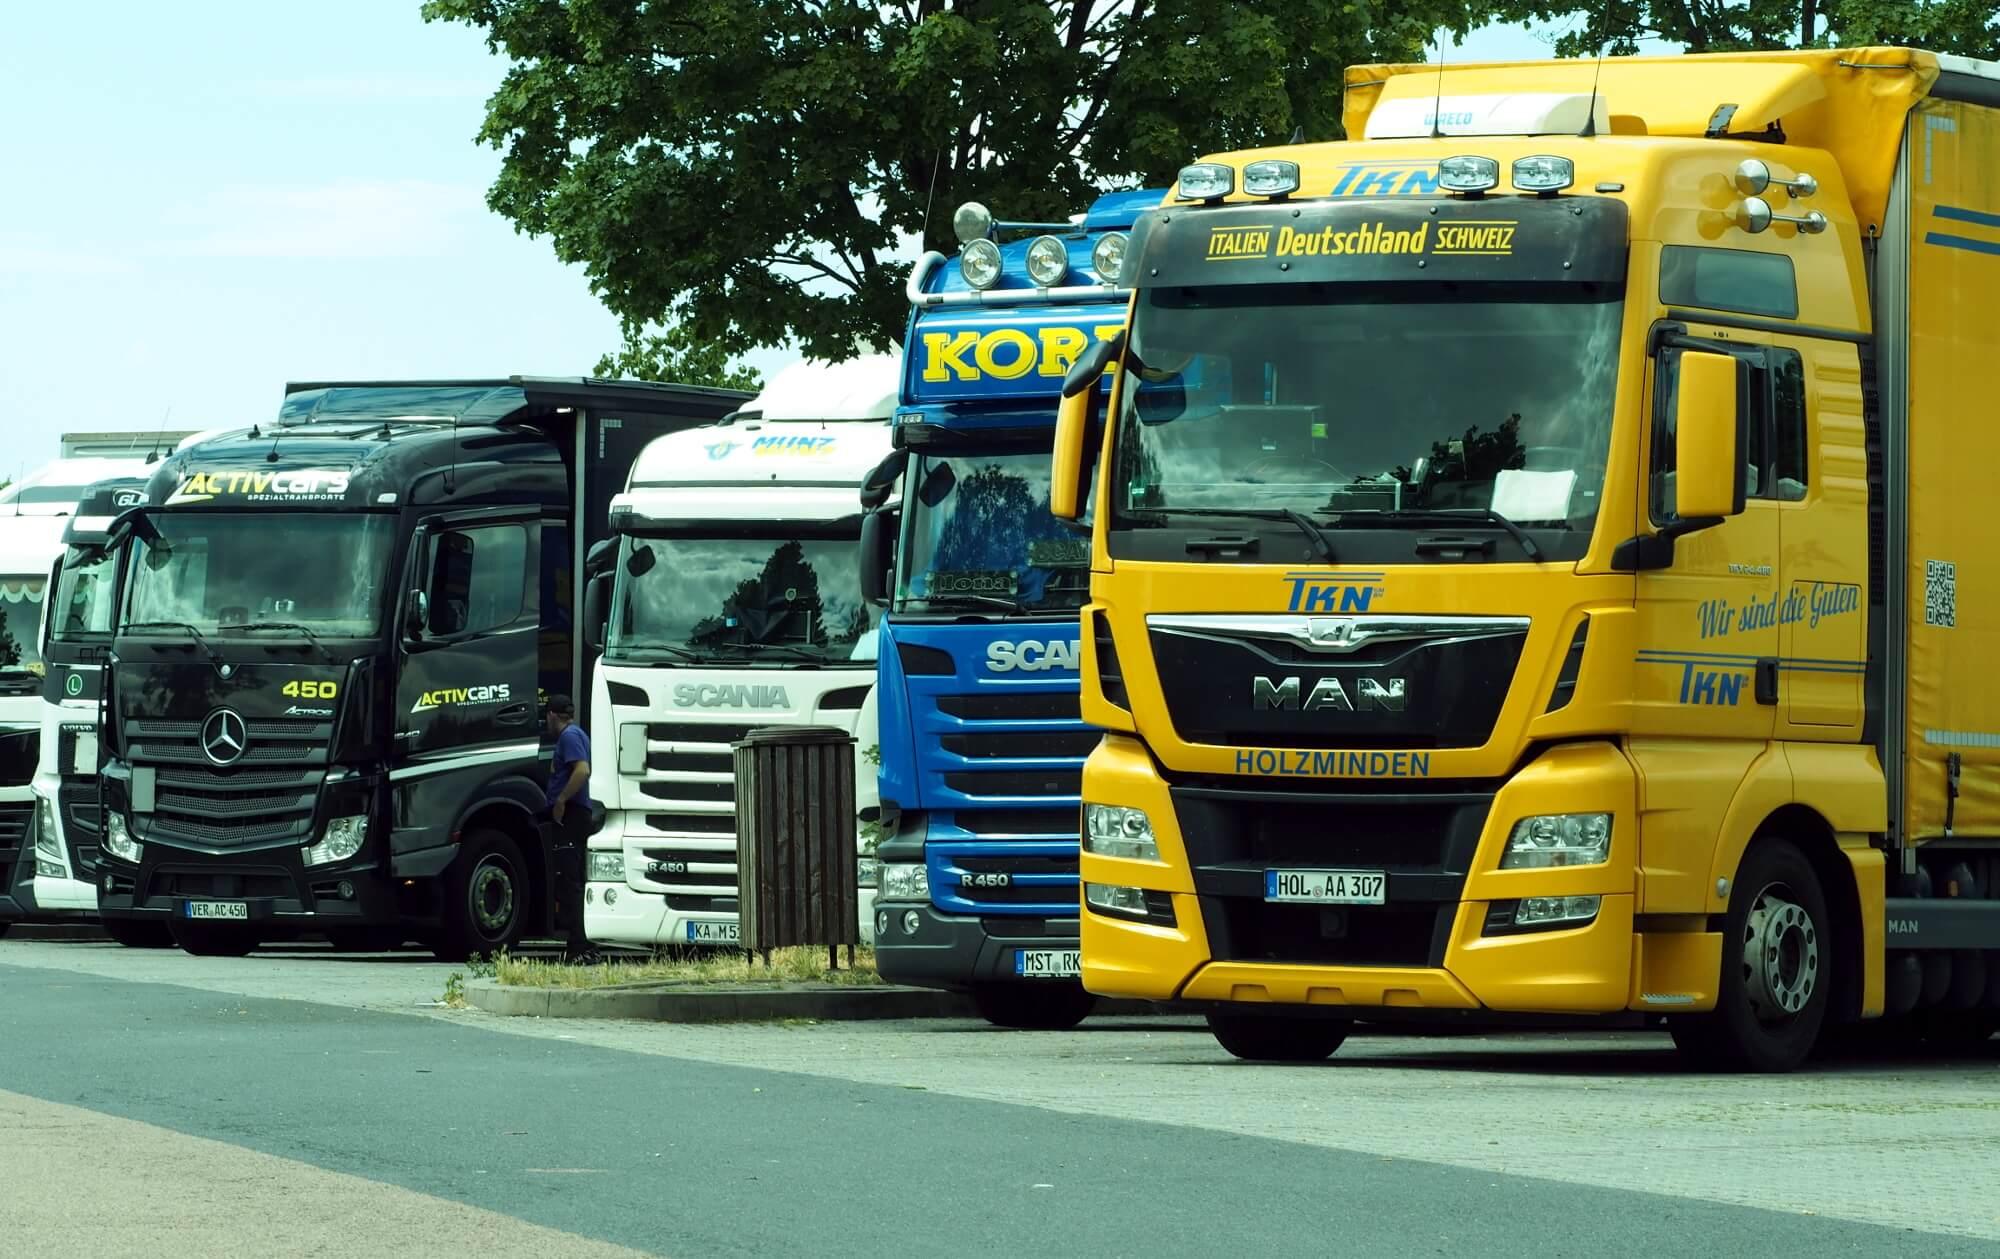 Európai Bíróság: a magyar járművezetőknek is jár a francia minimálbér a kiküldetés alatt